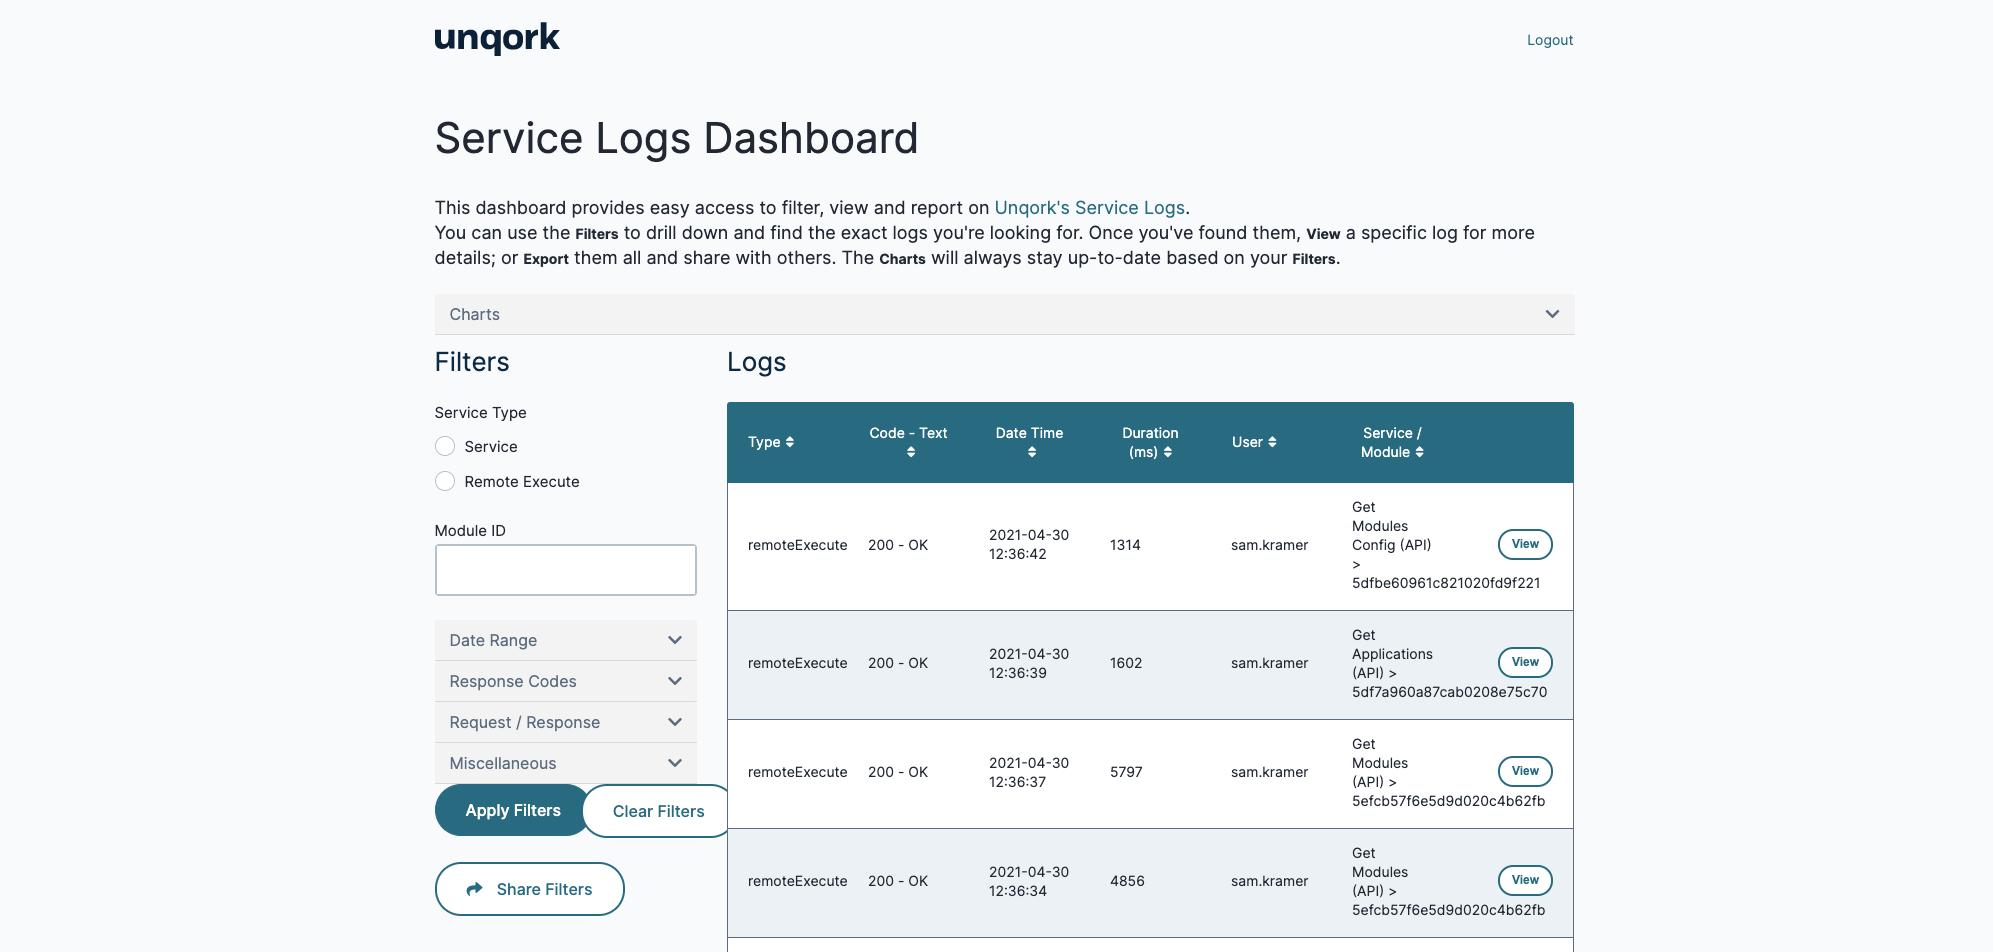 Service Logs Dashboard